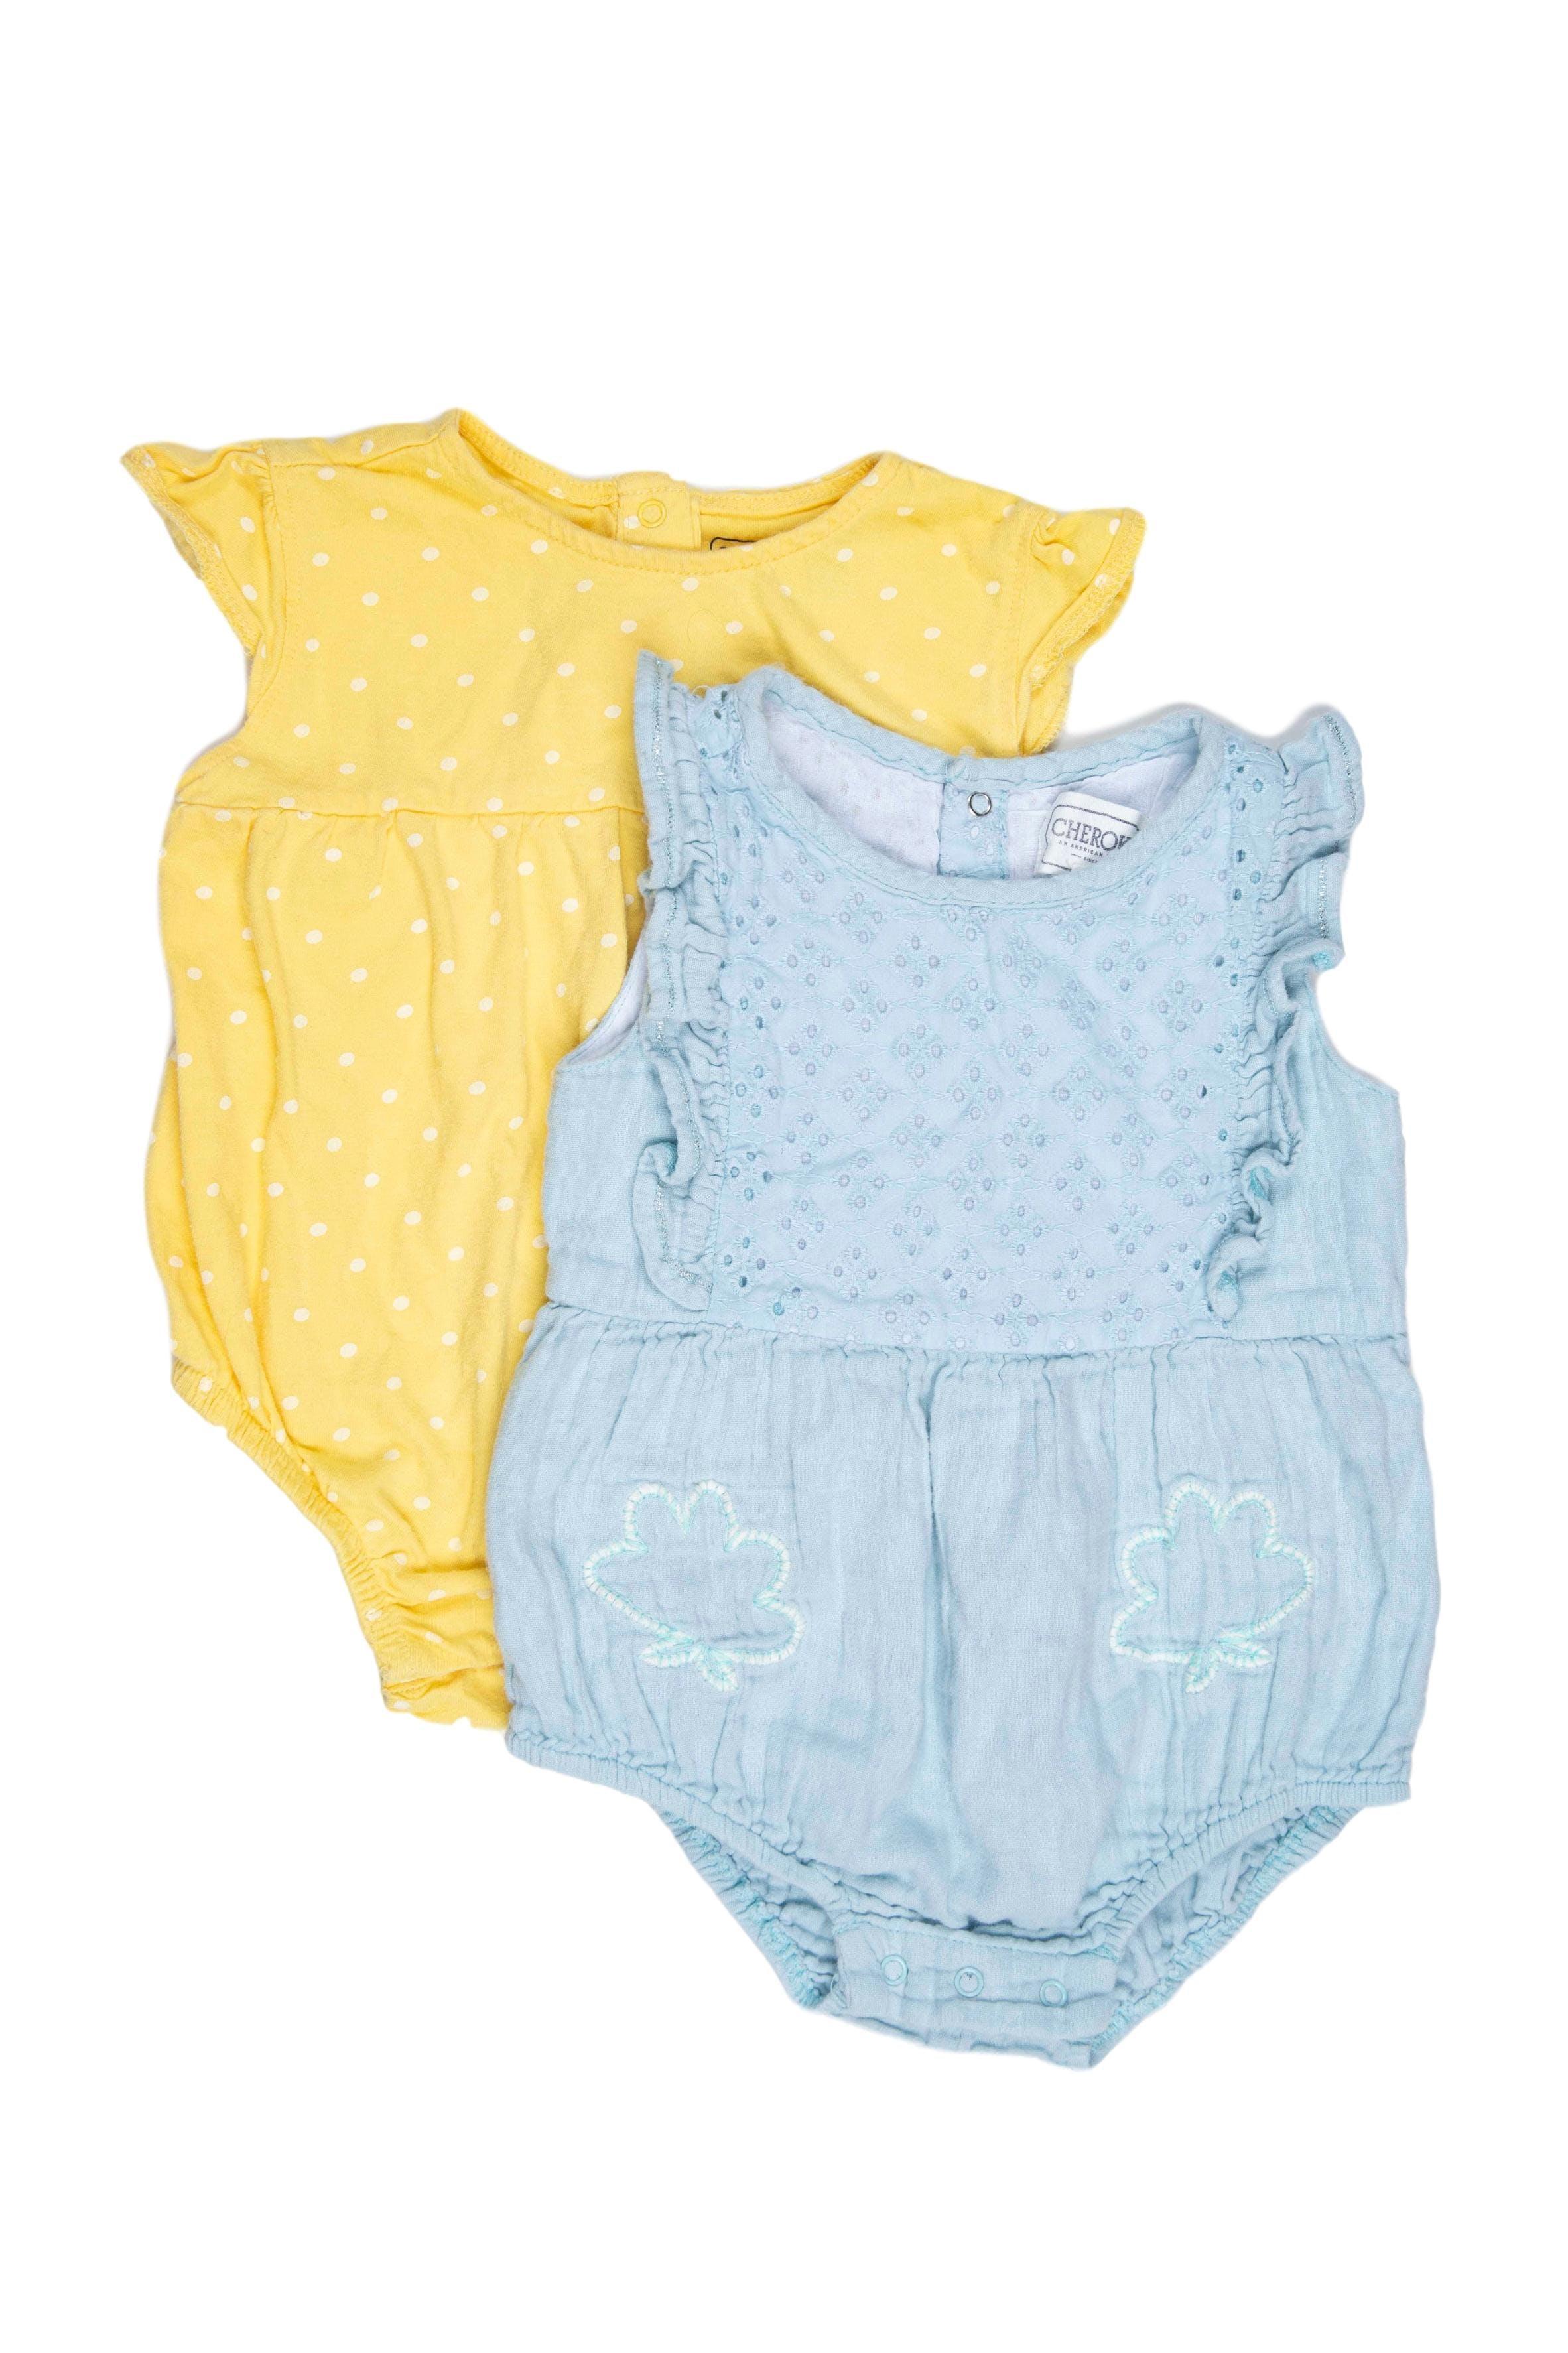 Pack de 2 enterizos, uno celeste con pecho de broderie y bordado, otro amarillo con lunares blancos, Ambos 100% algodón. Talla 12 meses en etiqueta - Cherokee